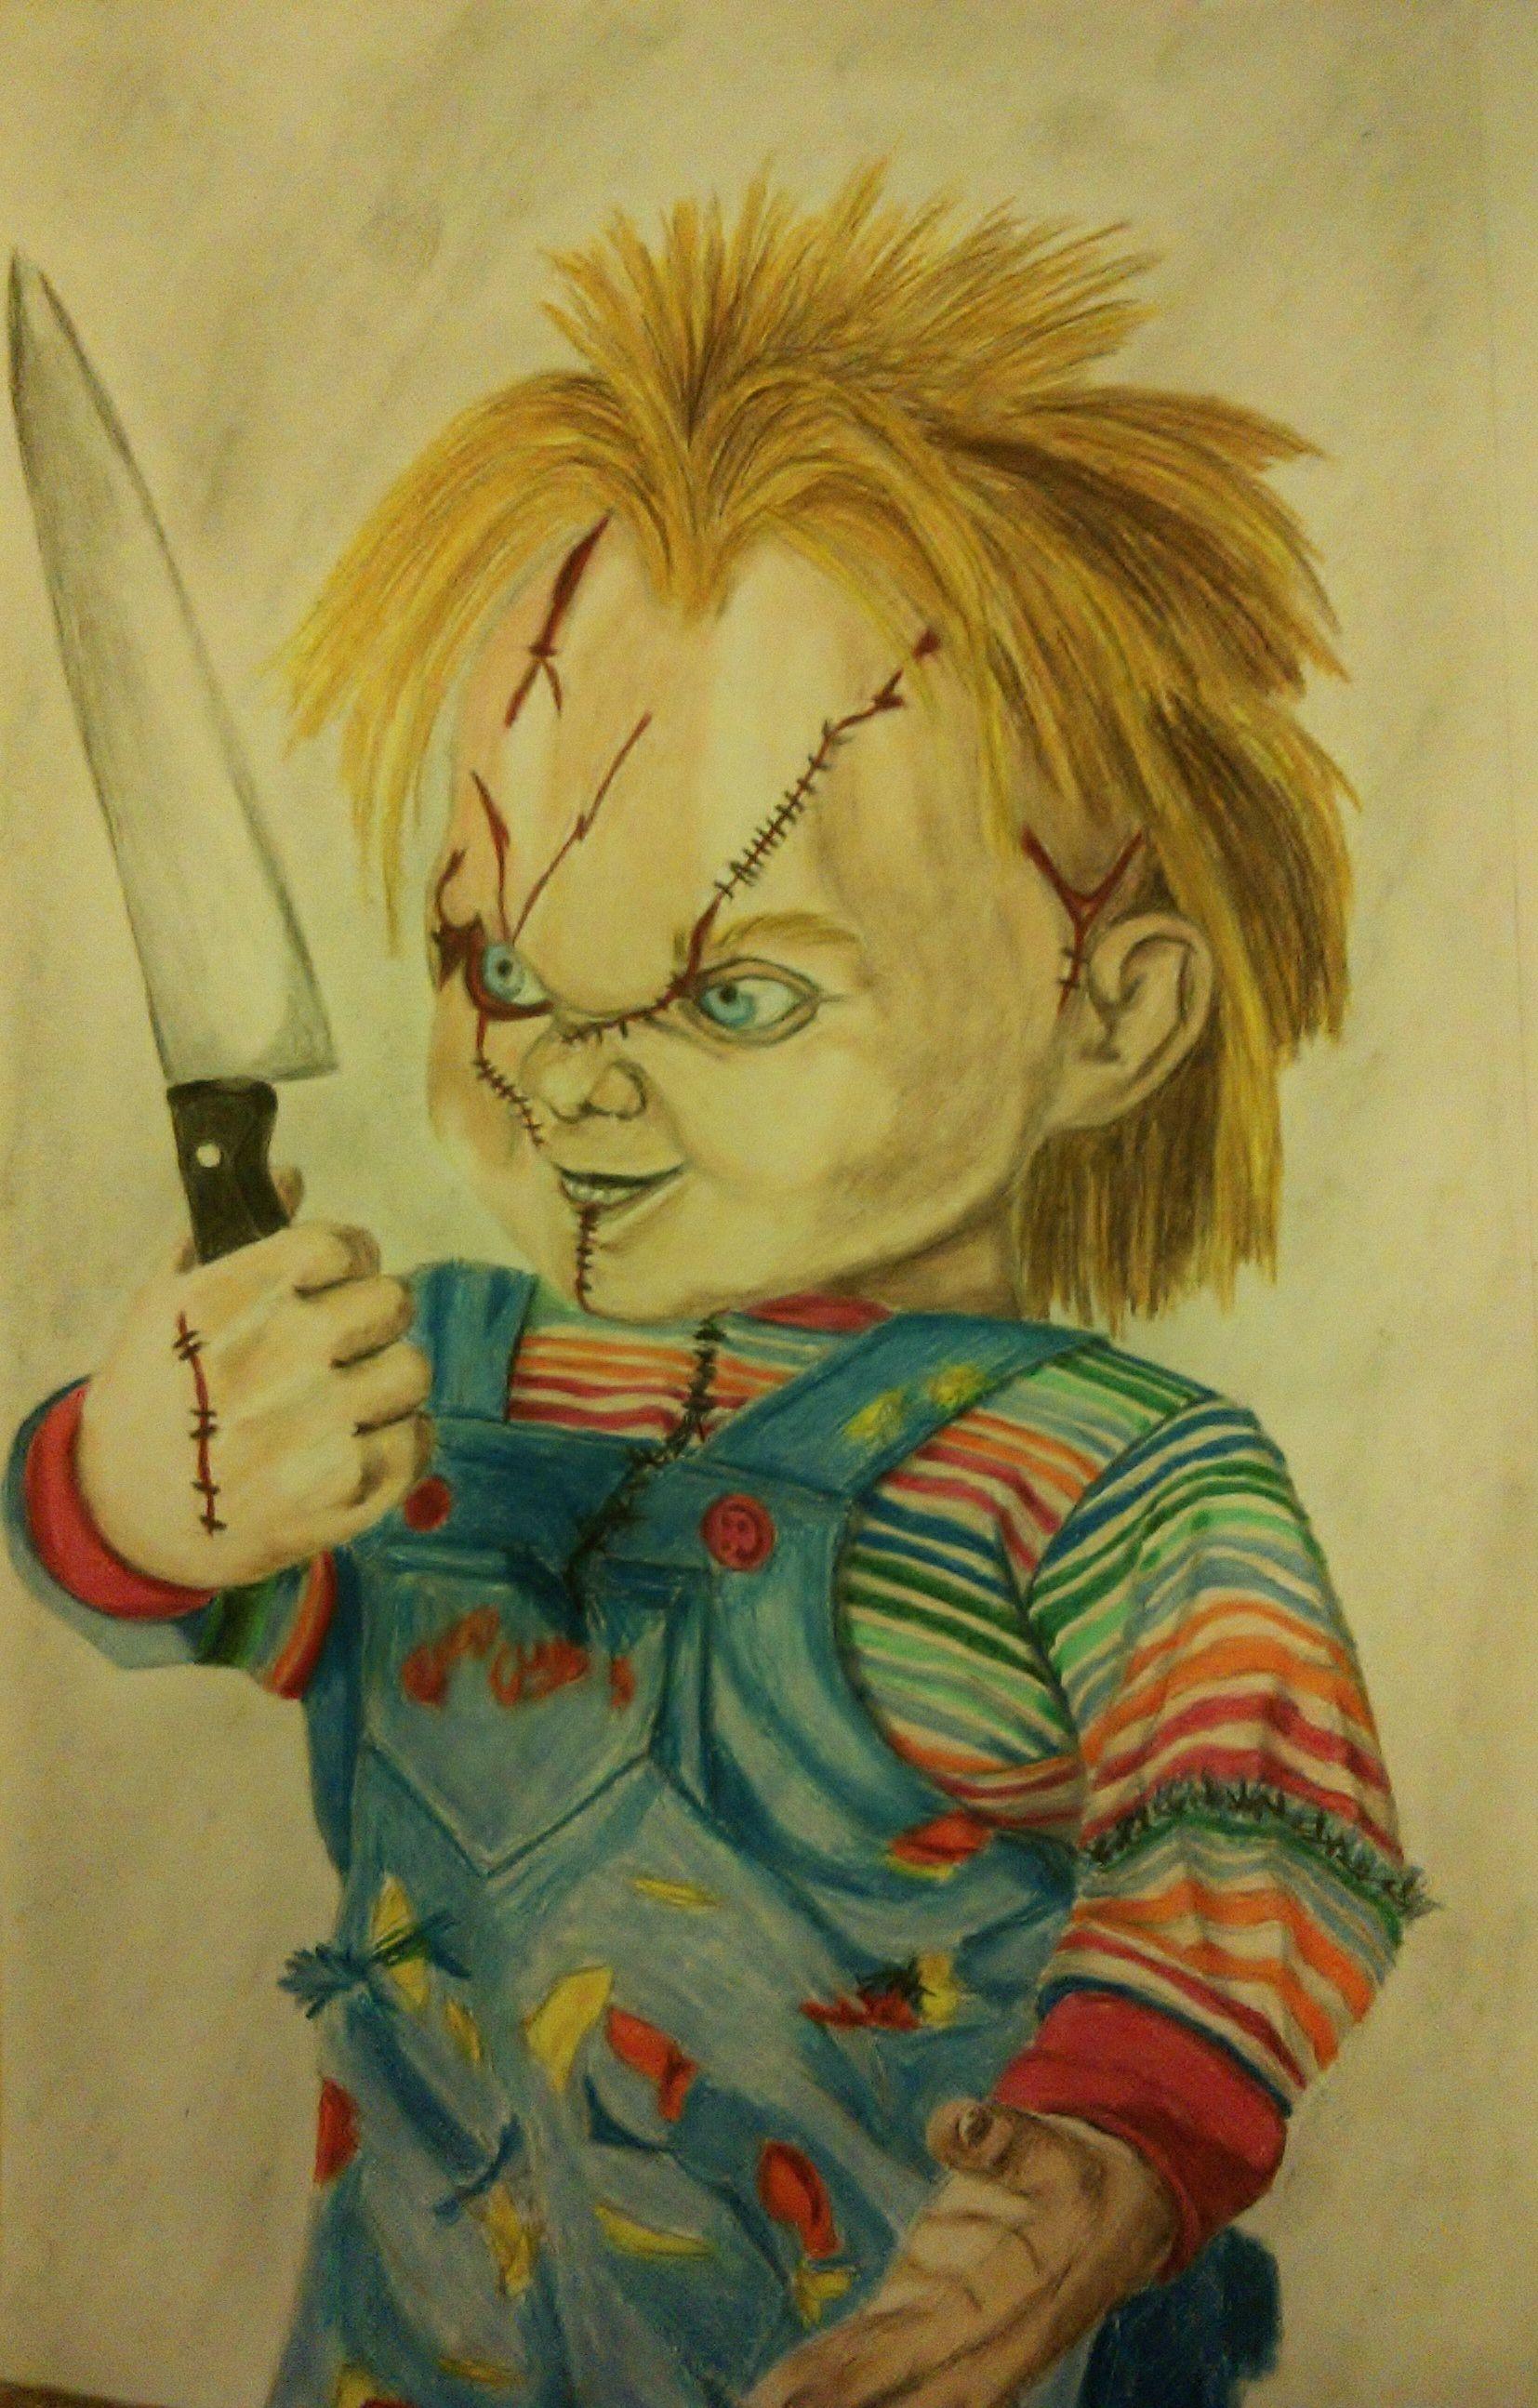 Chucky Tiffany Bride Of Chucky Horror Movie Characters Tiffany Bride